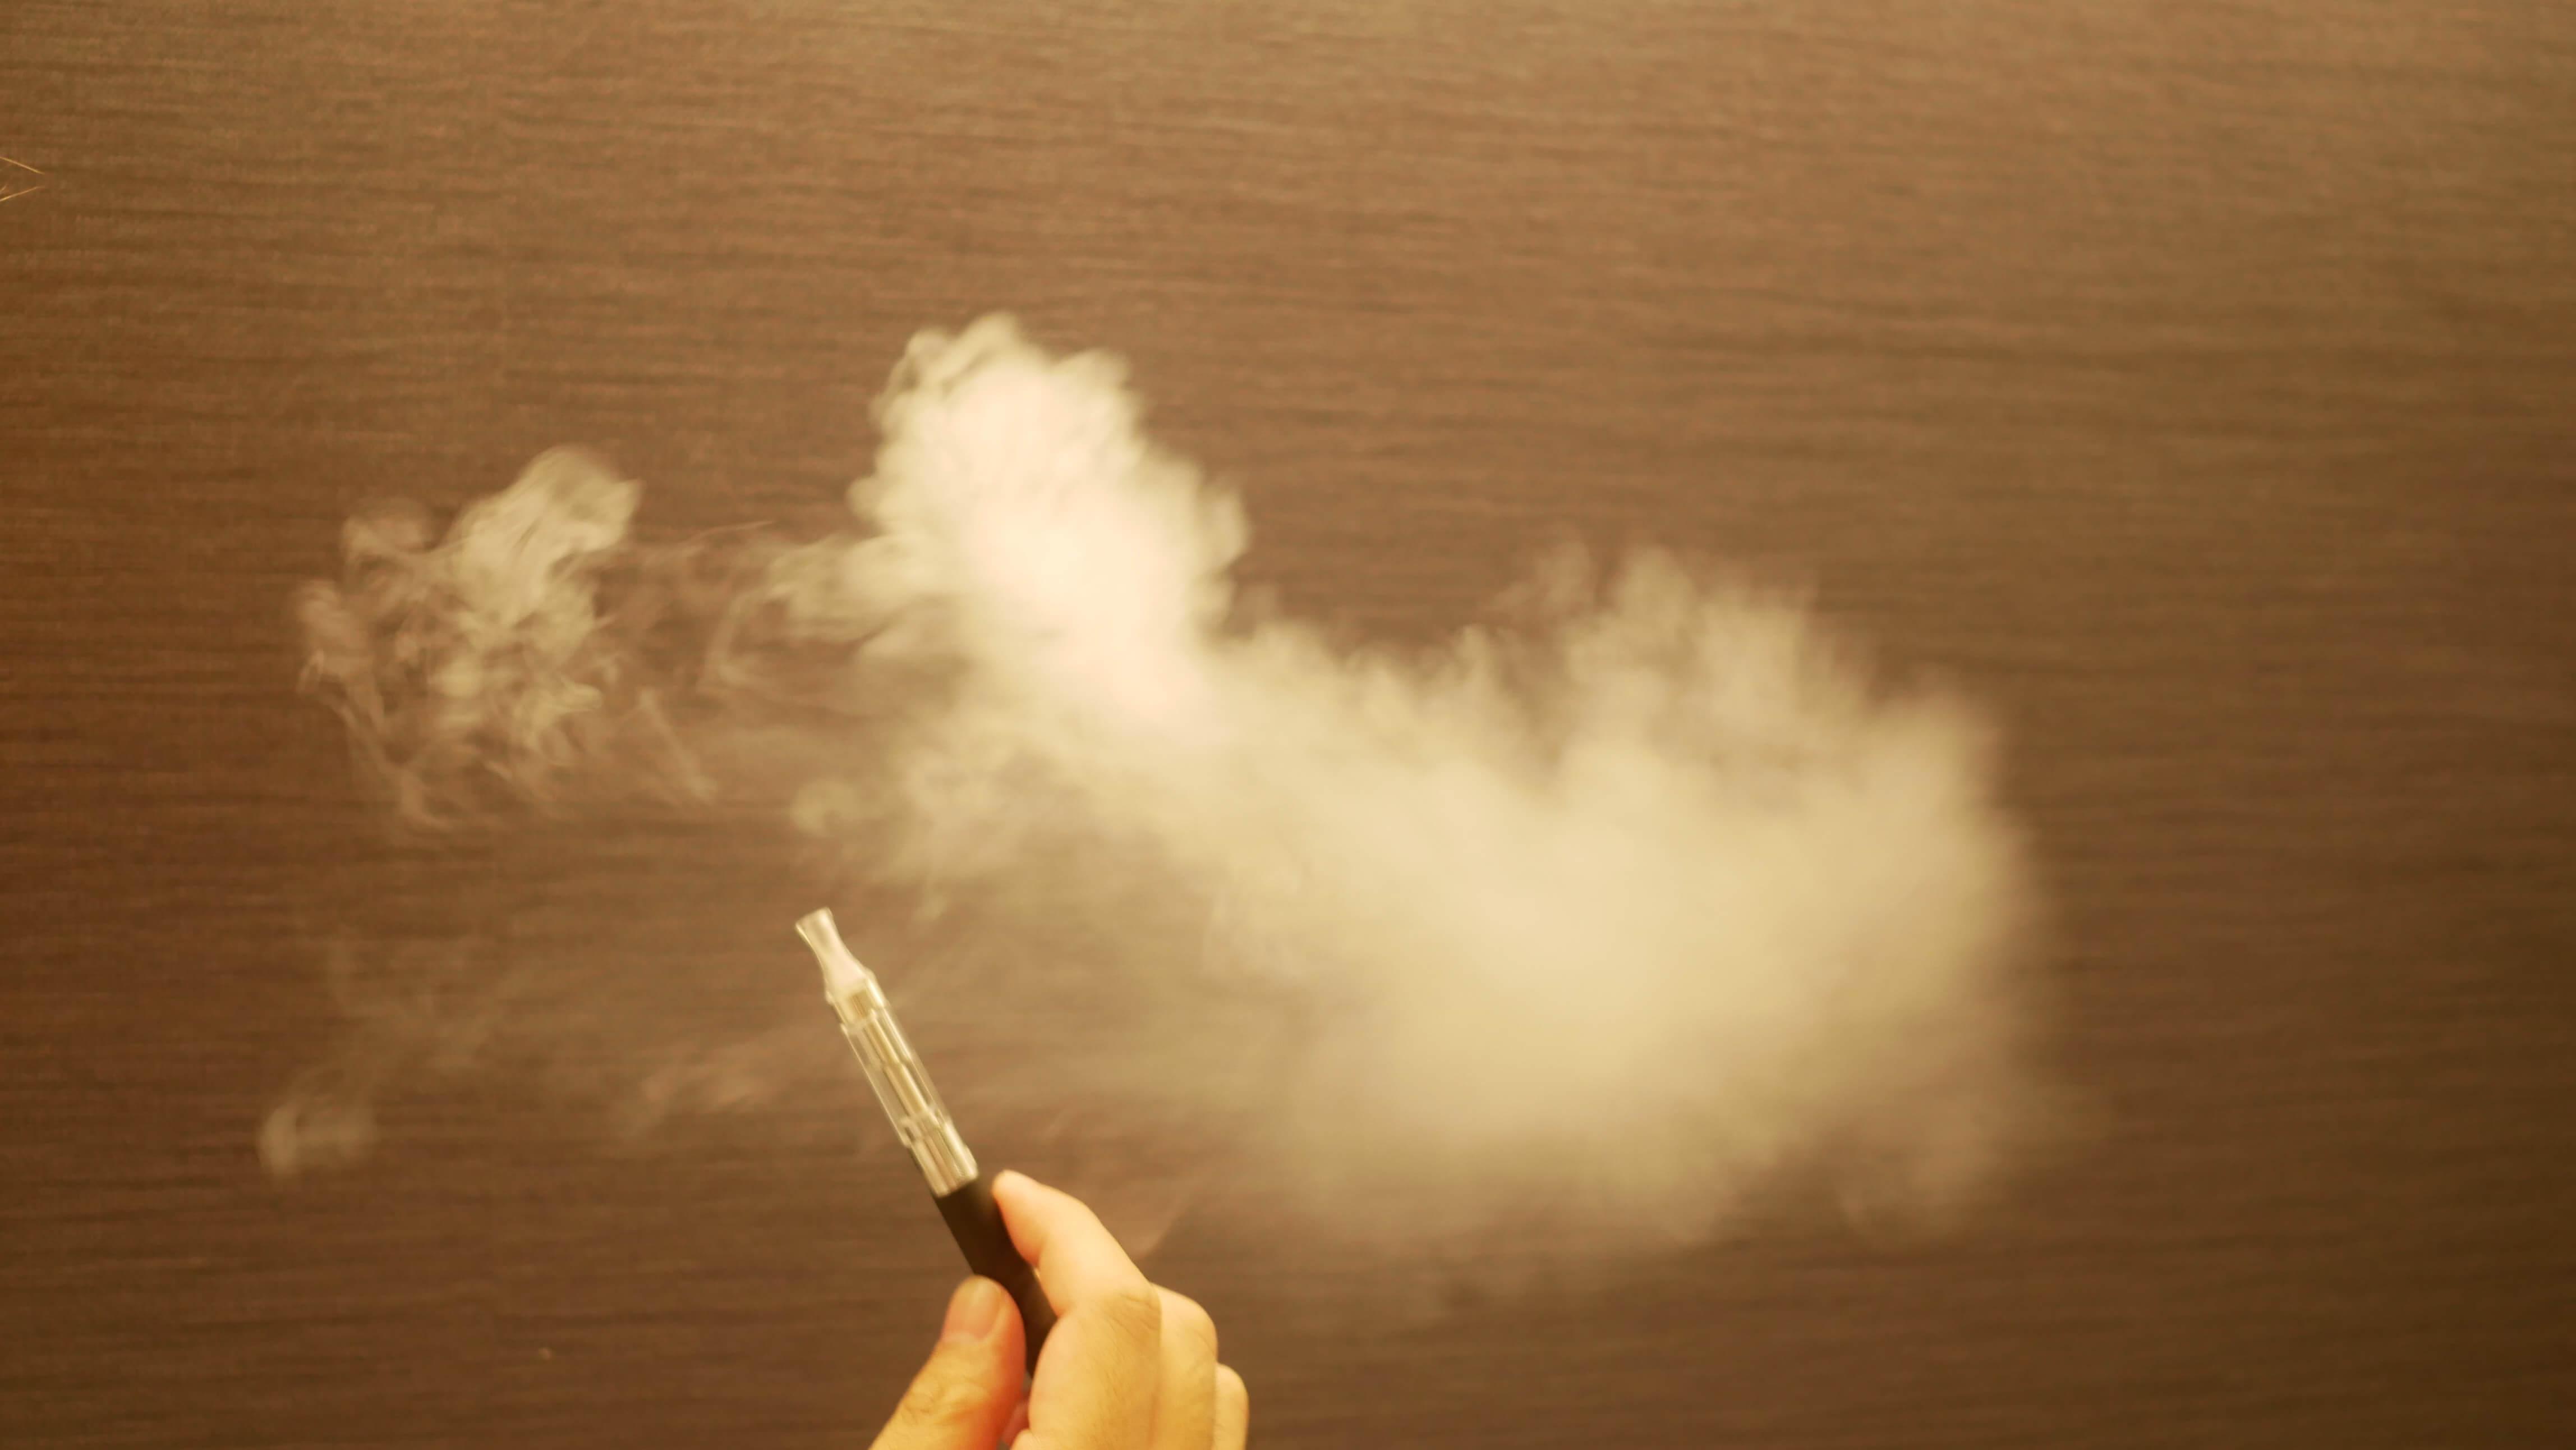 スムースビップ 吸いごたえの感想